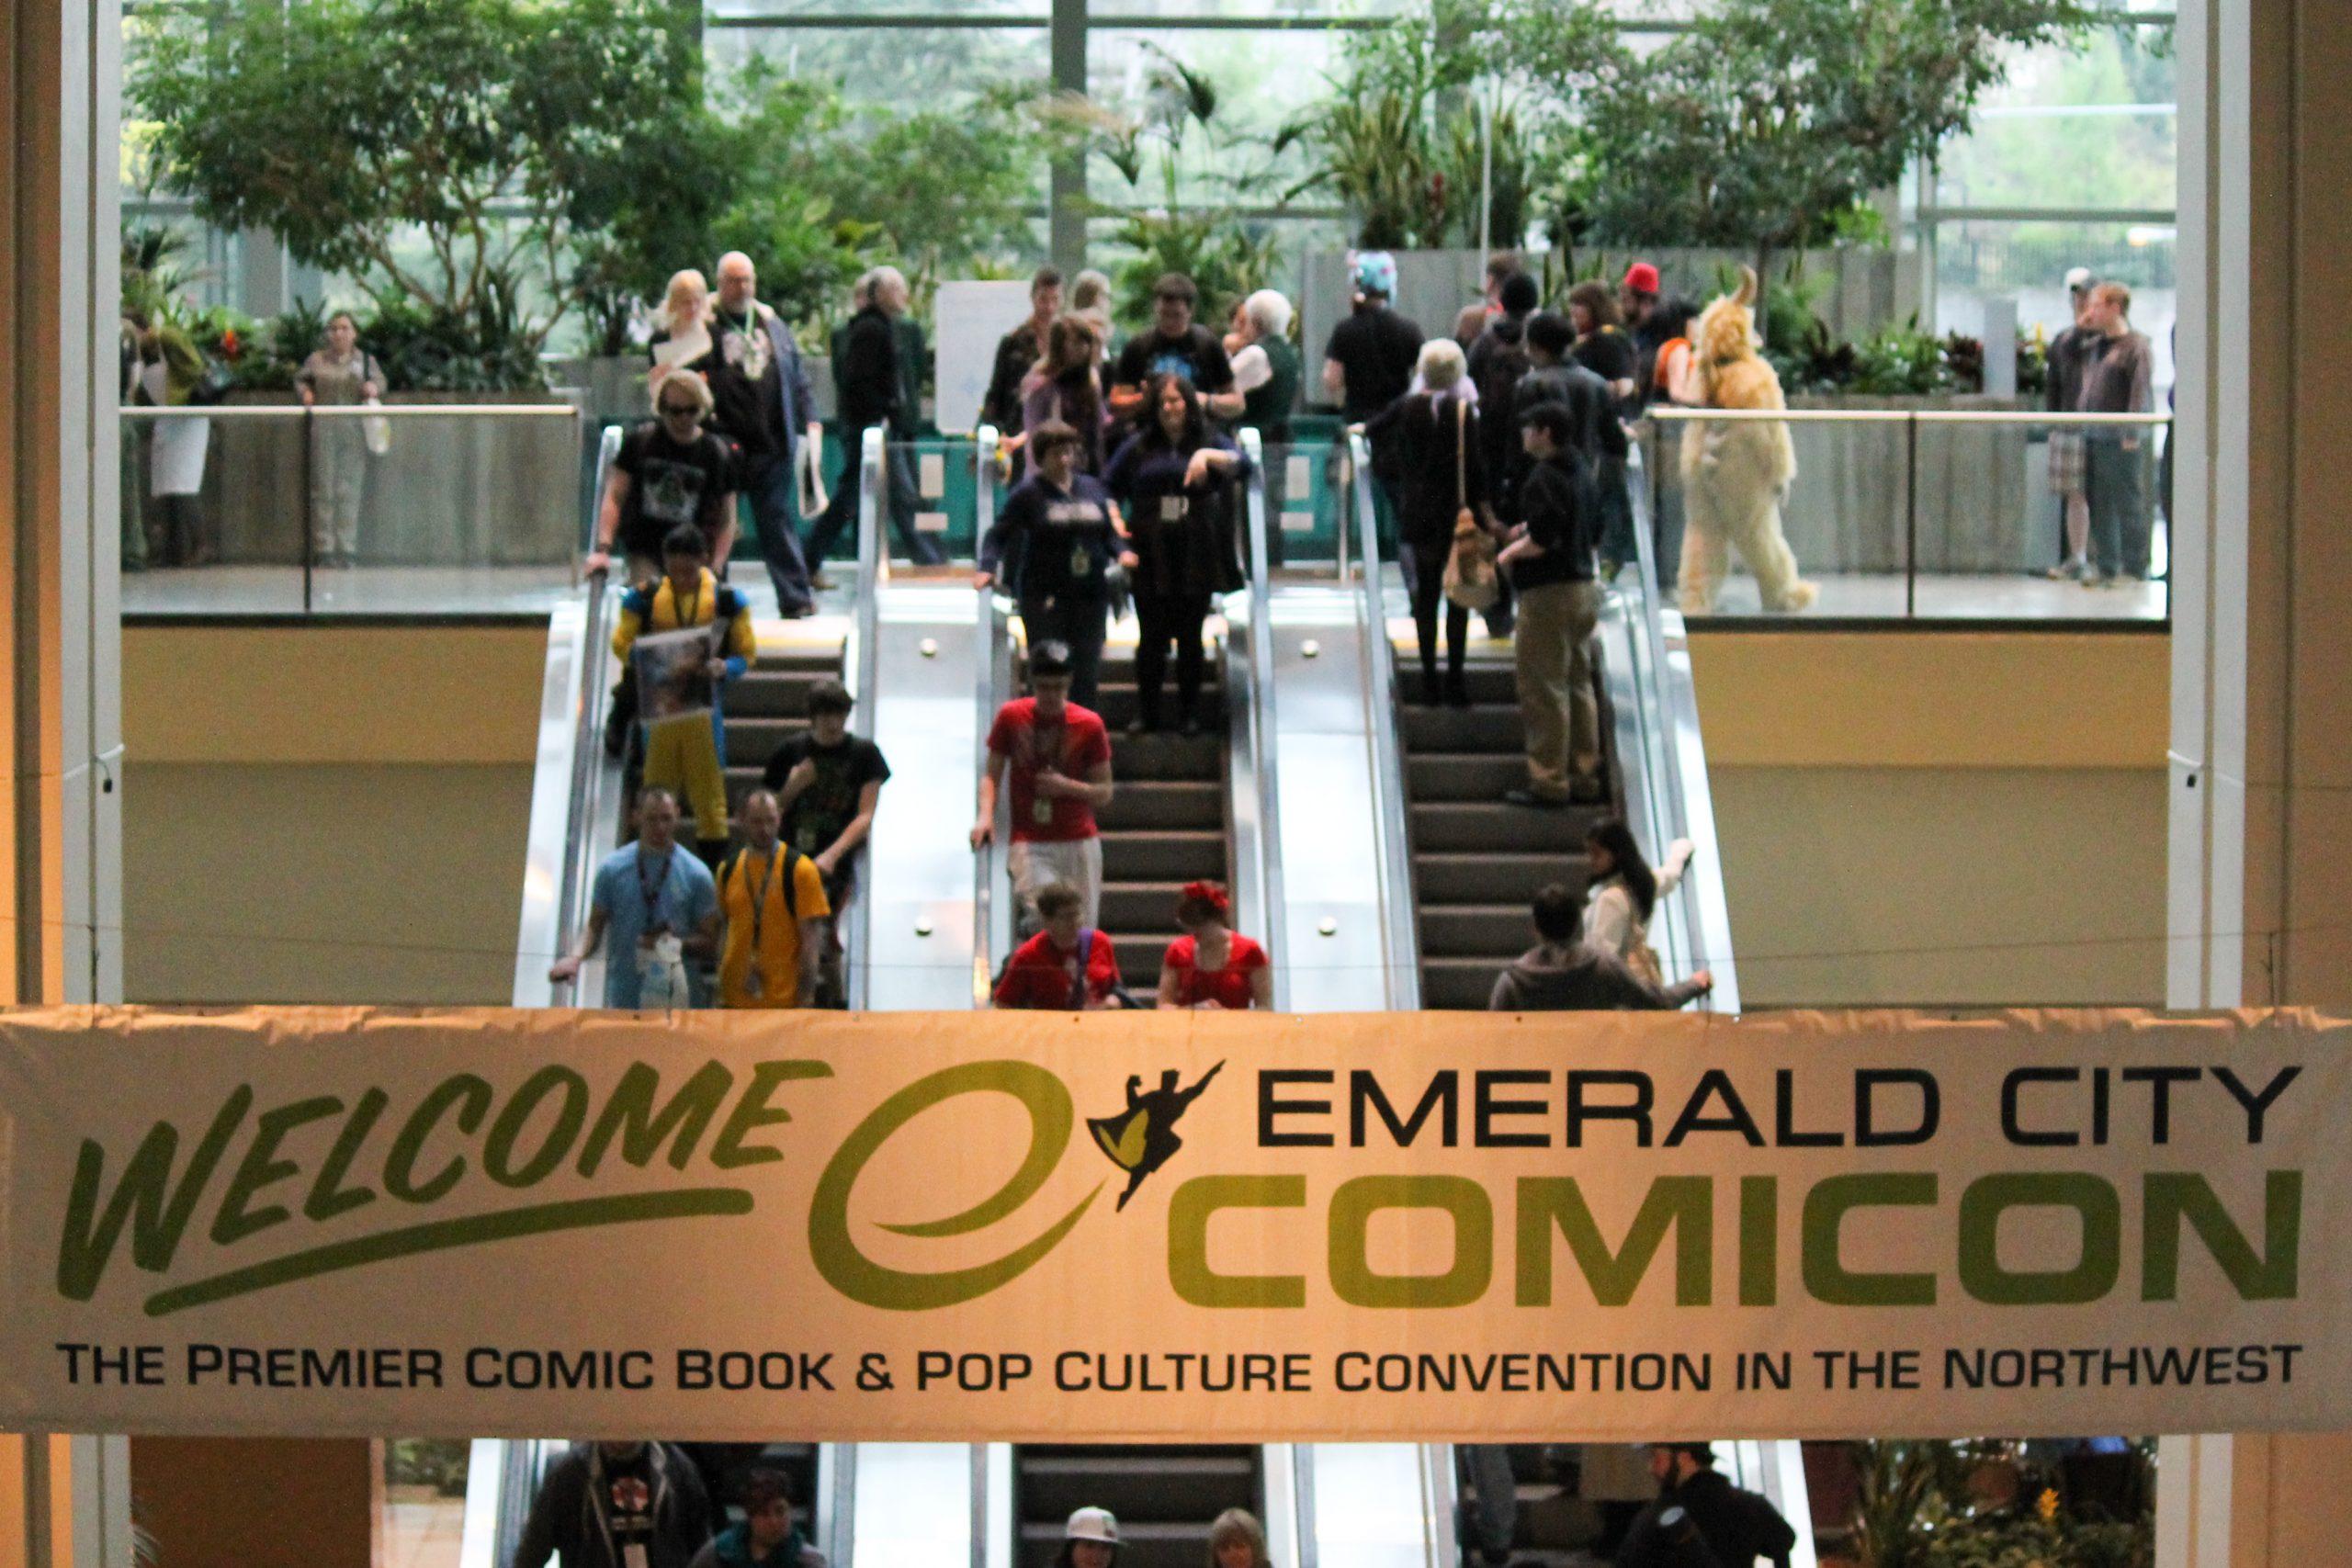 Emerald city comics